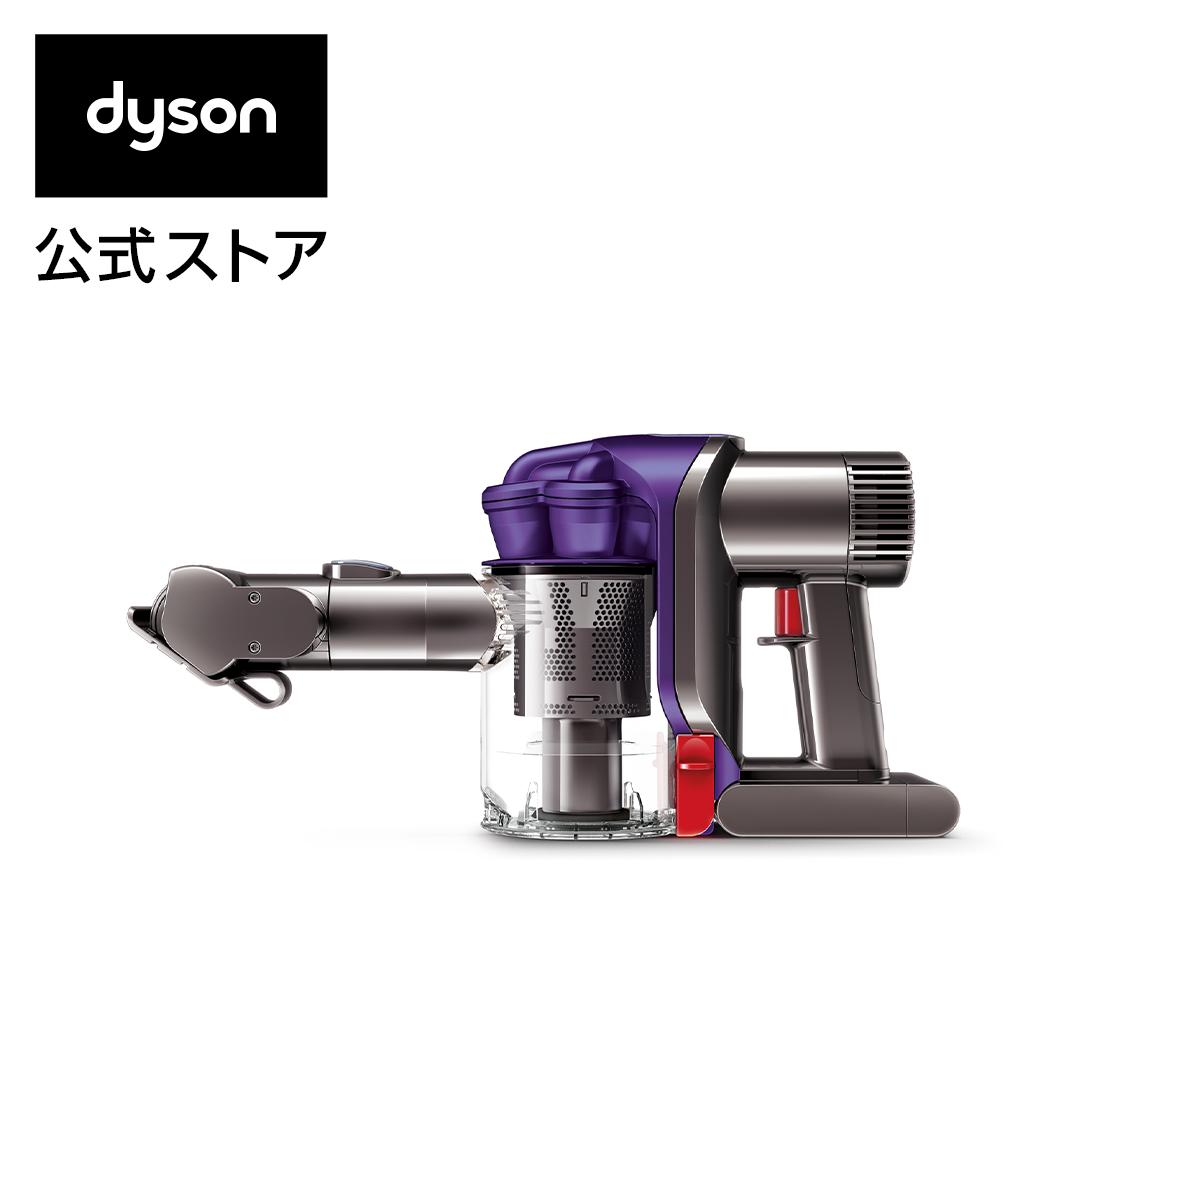 ダイソン Dyson DC34 モーターヘッド サイクロン式 ハンディクリーナー [DC34MH] 掃除機 アイアン/サテンパープル